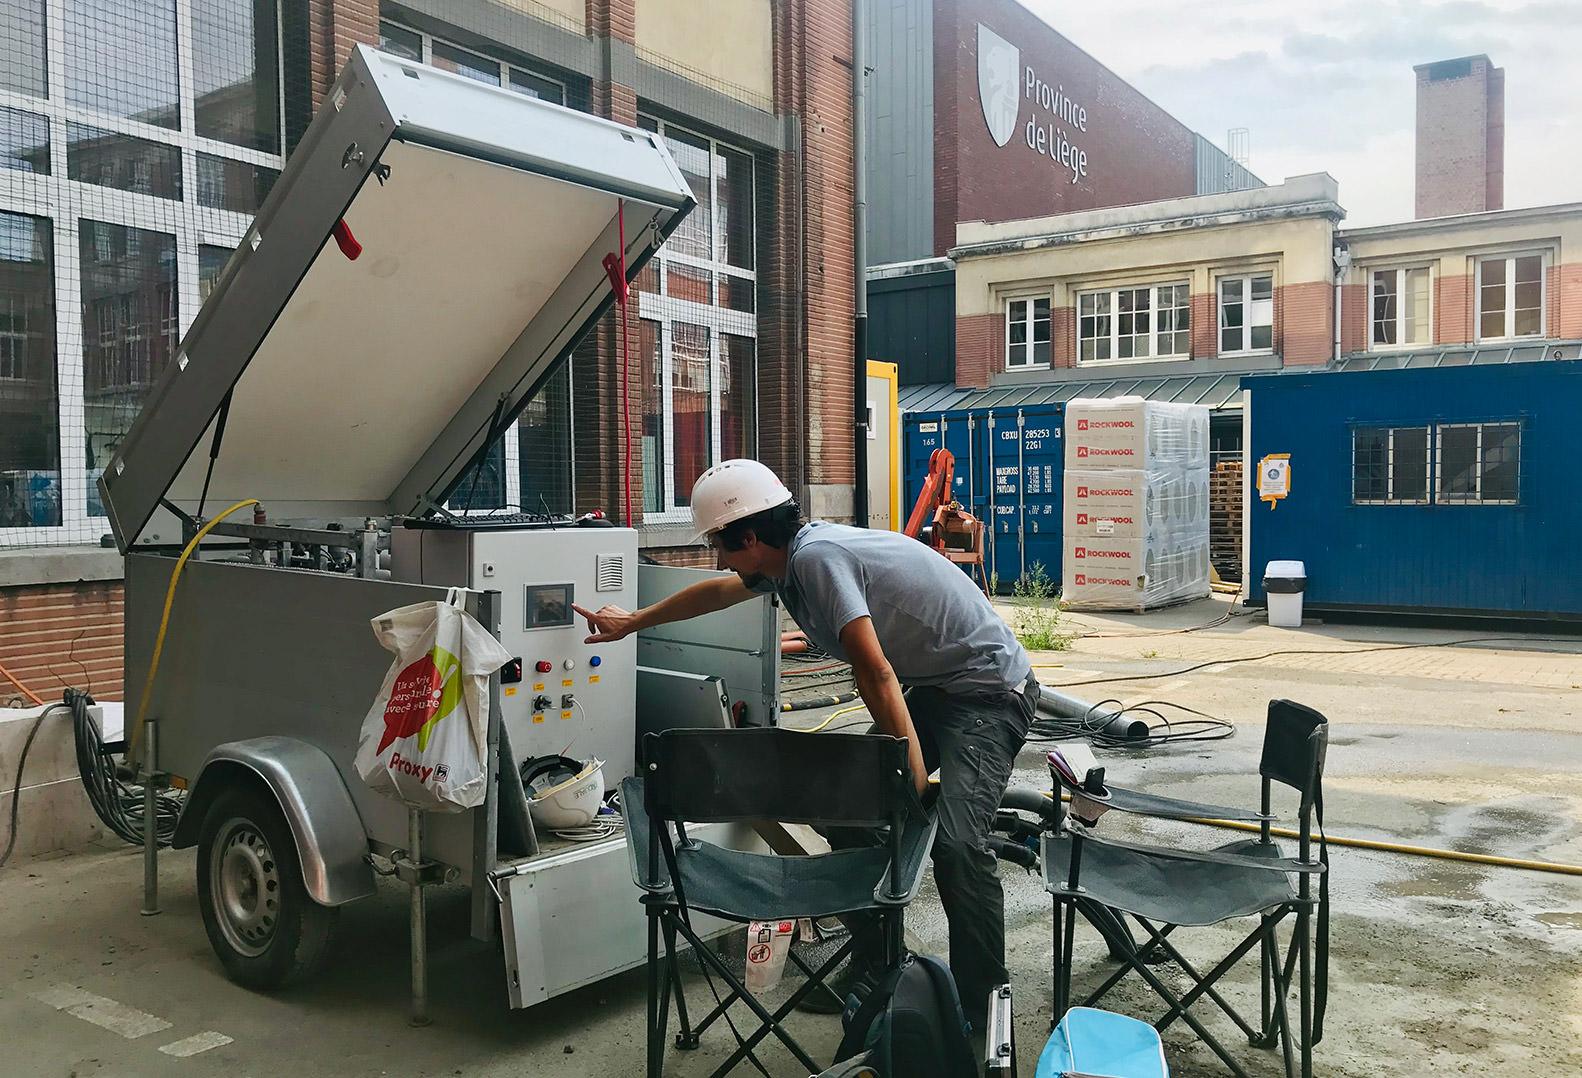 Man wearing hard hat performs Thermal Response Test